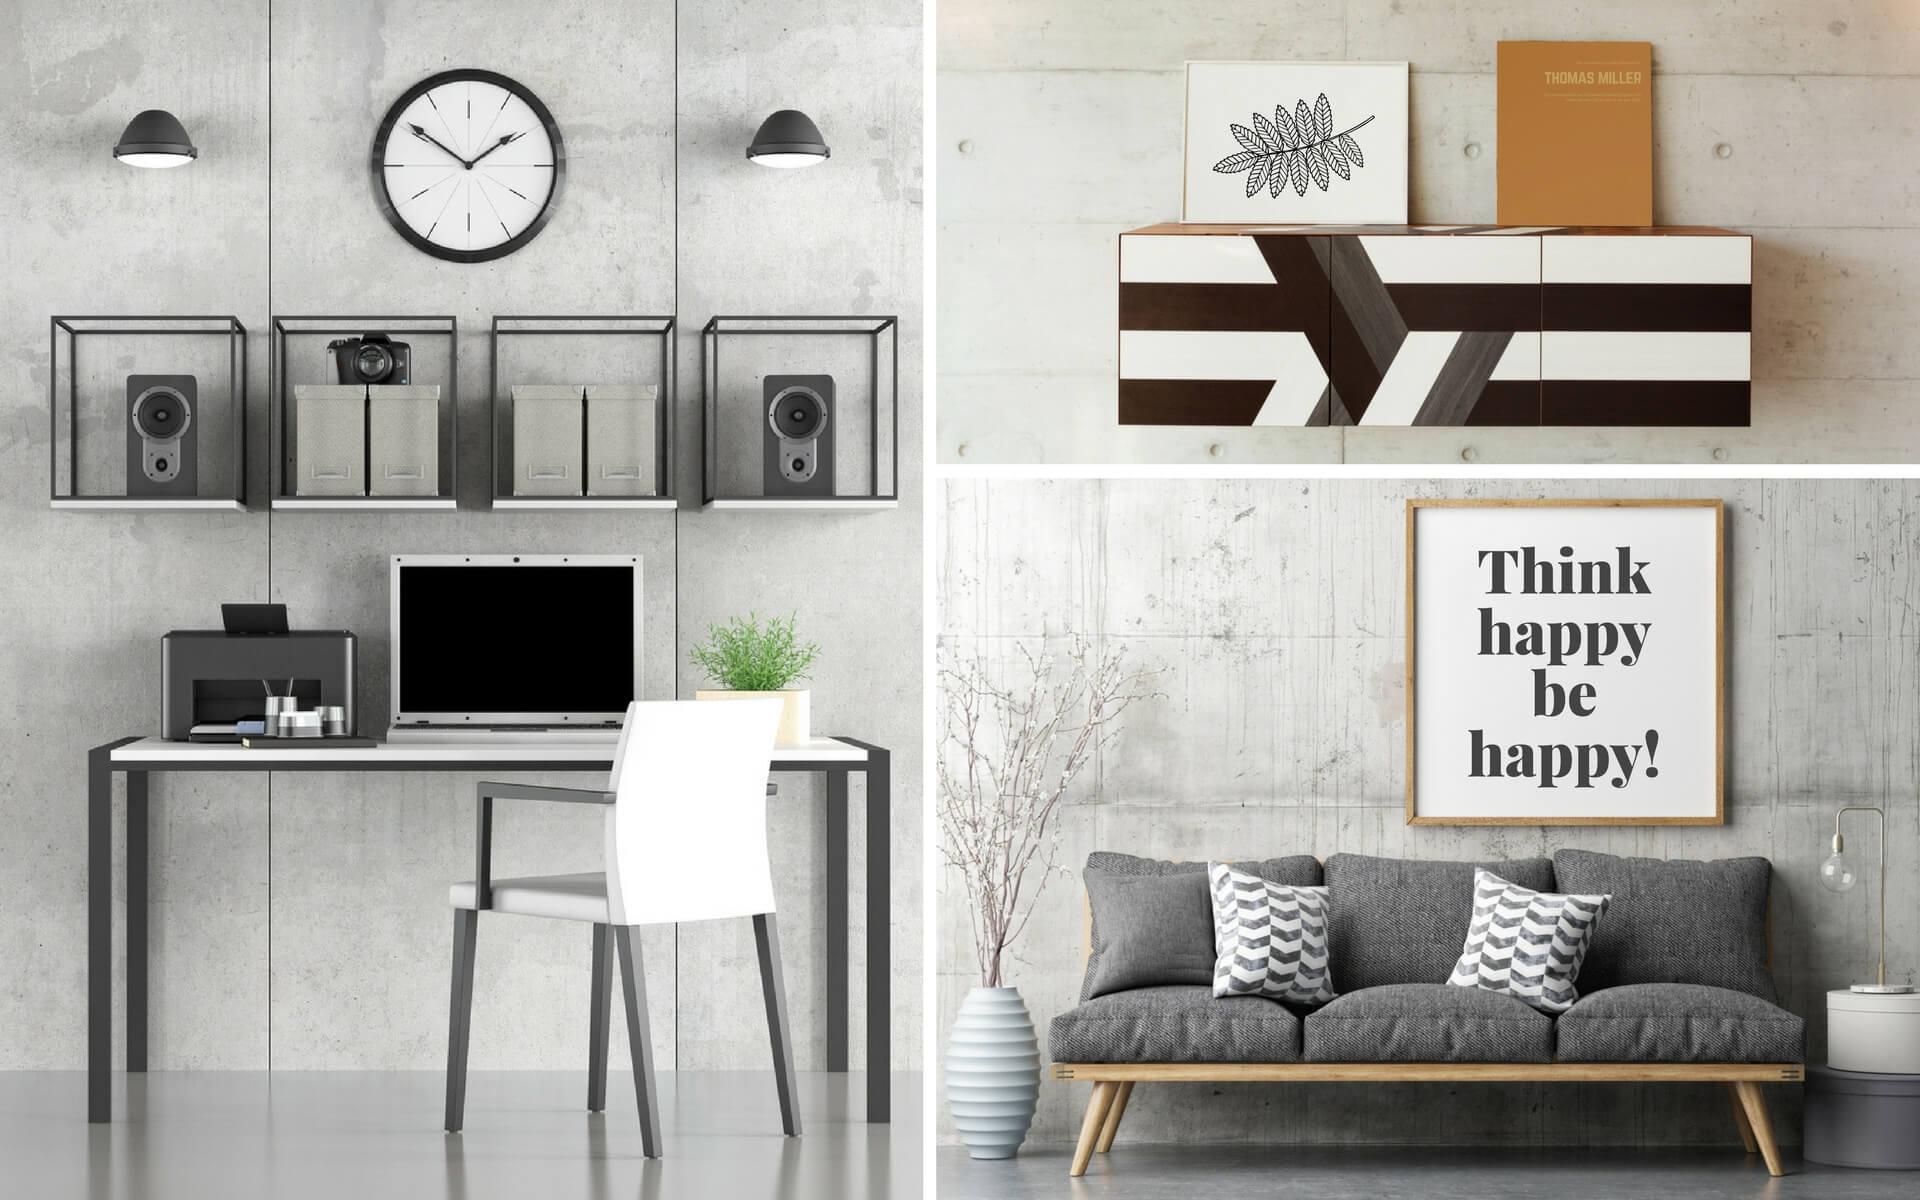 Il cemento o rivestimenti effetto cemento sono largamente diffusi per la realizzazione di pareti scenografiche all'interno di casa